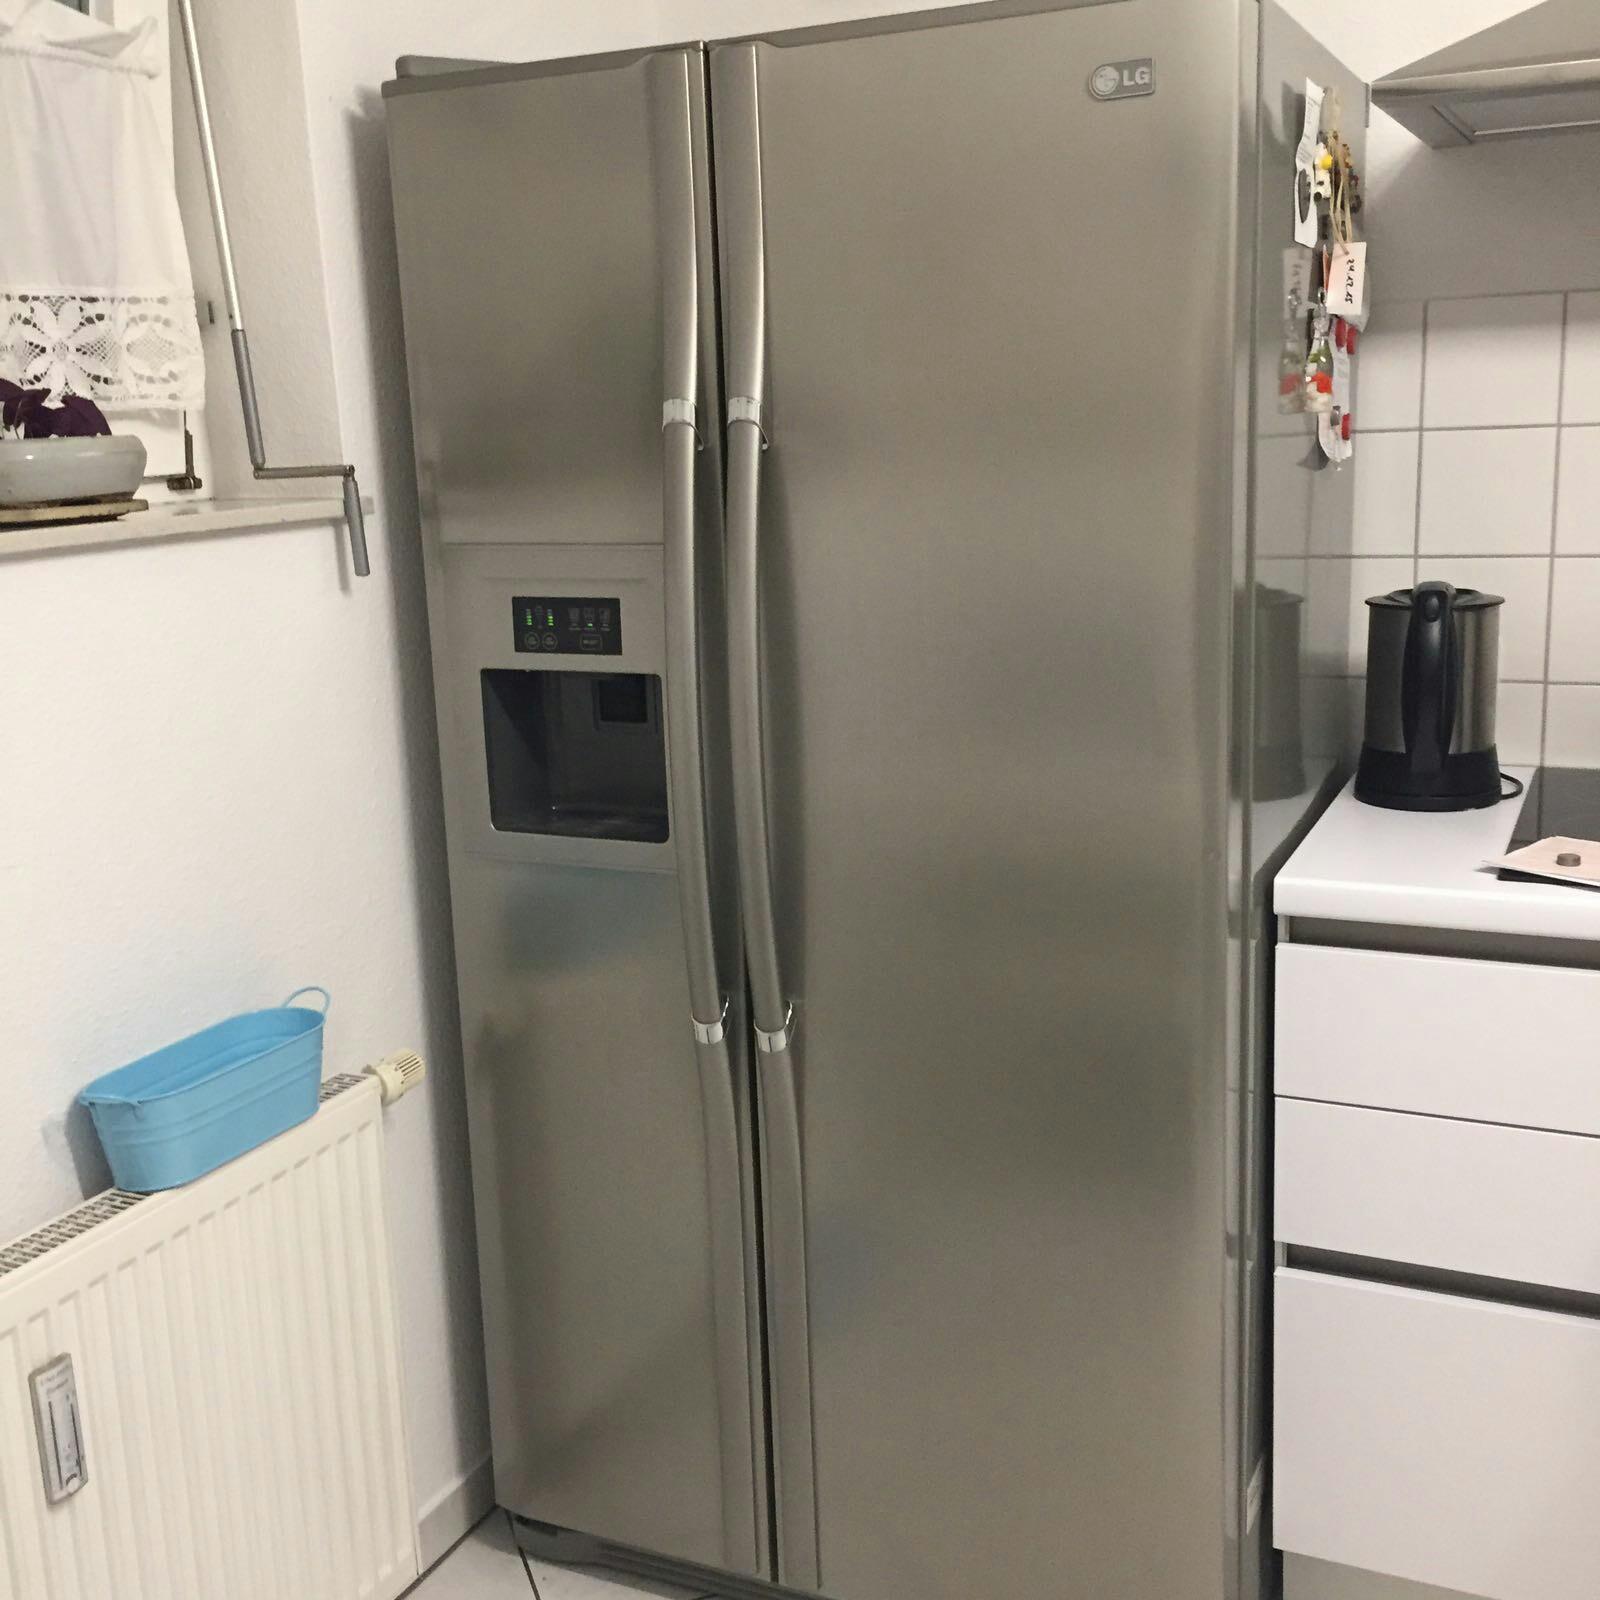 Amerikanischer Kühlschrank Von Lg : Gebraucht lg gr l tq amerikanischer kühlschrank in